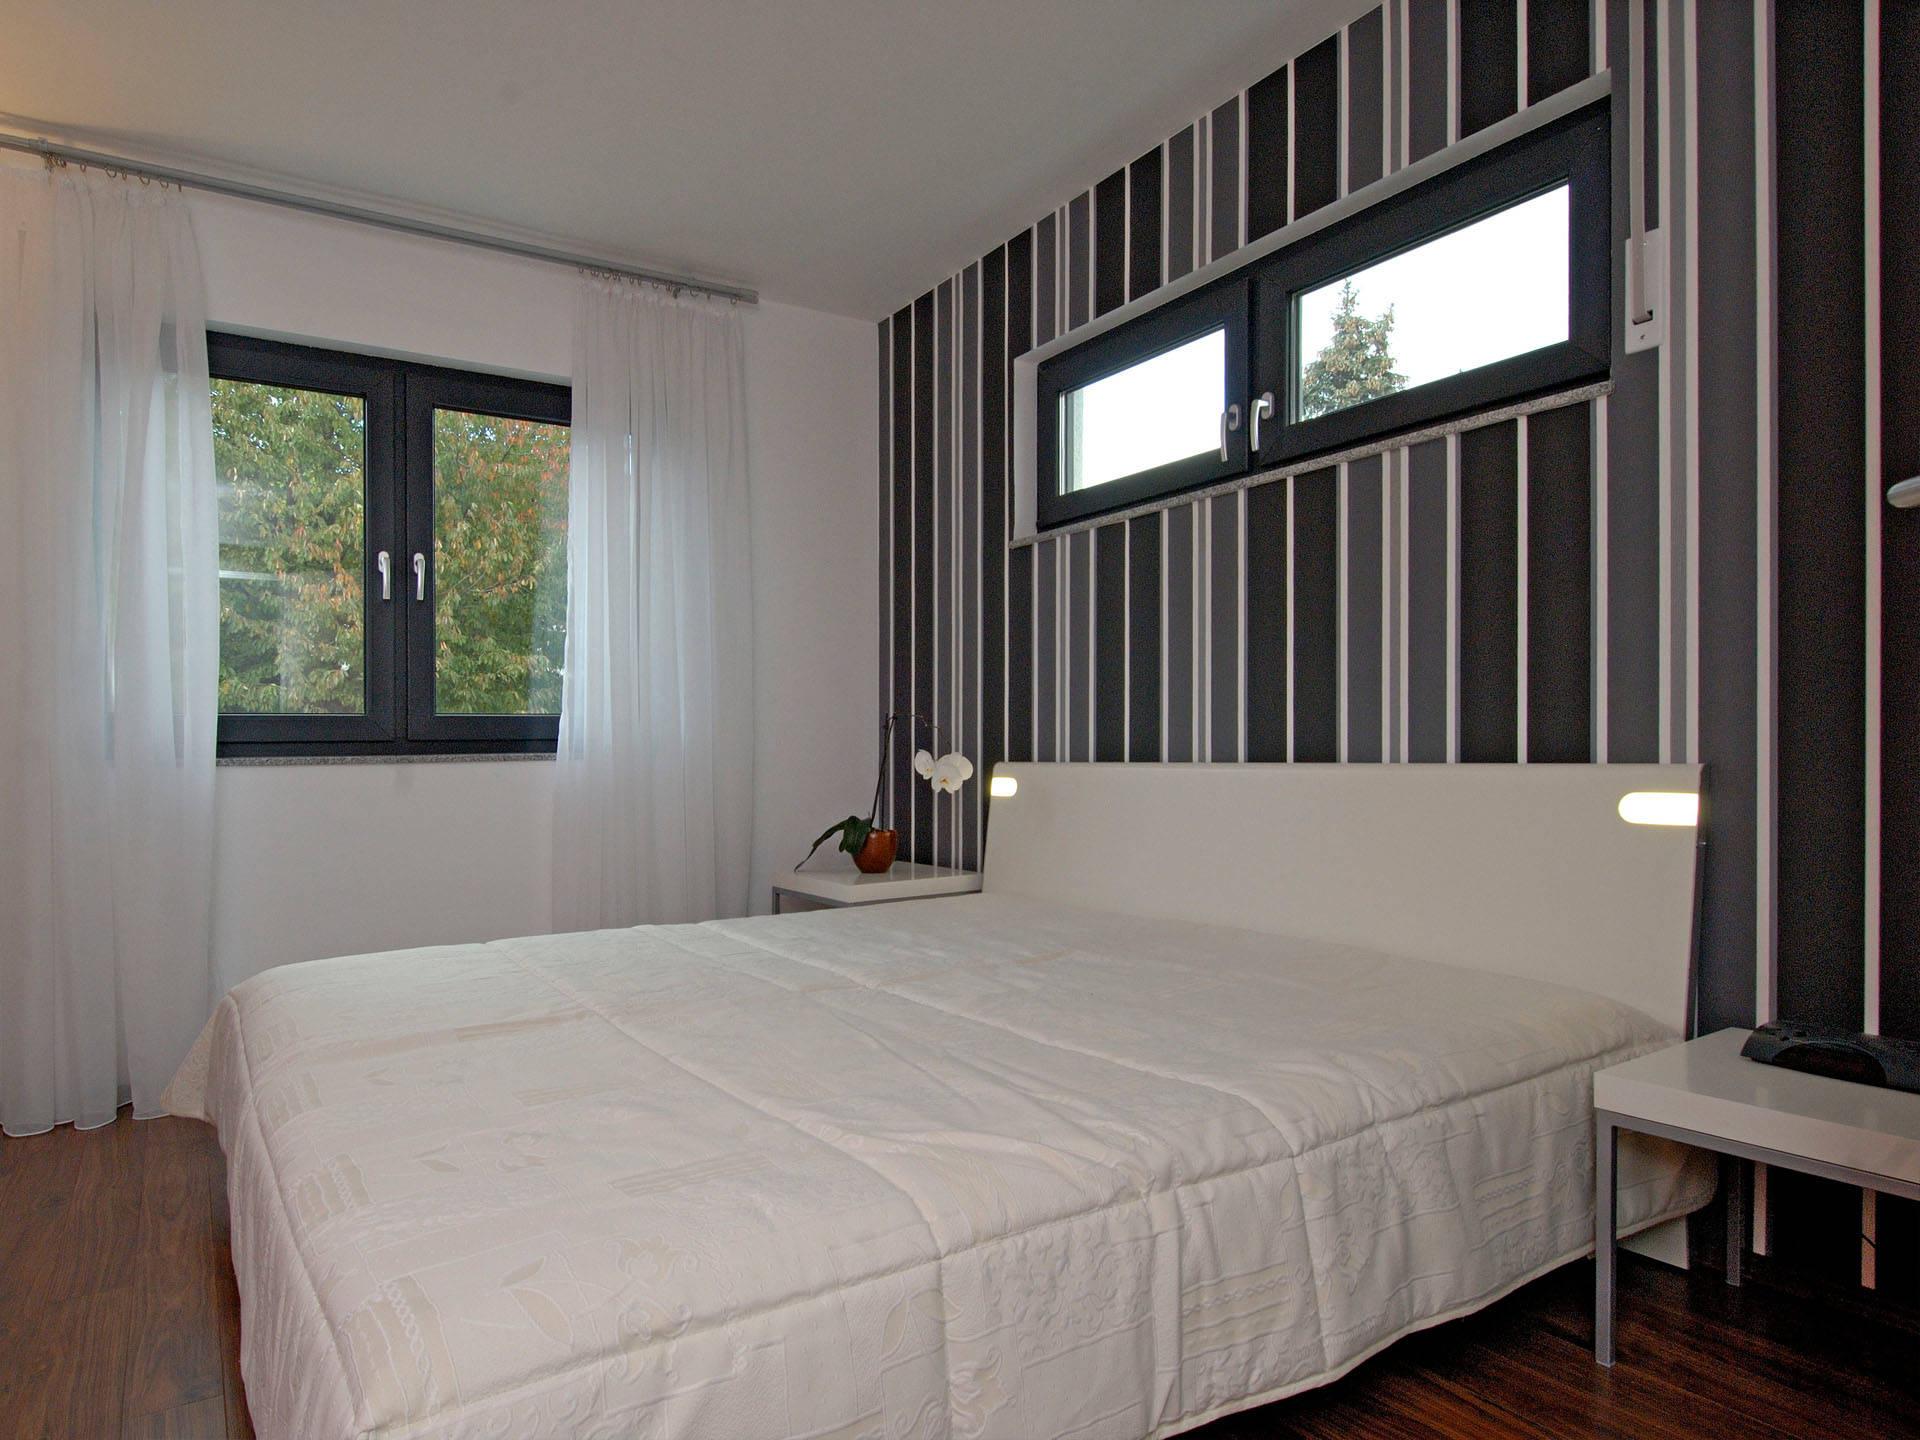 stadtvilla becker fertighaus weiss. Black Bedroom Furniture Sets. Home Design Ideas